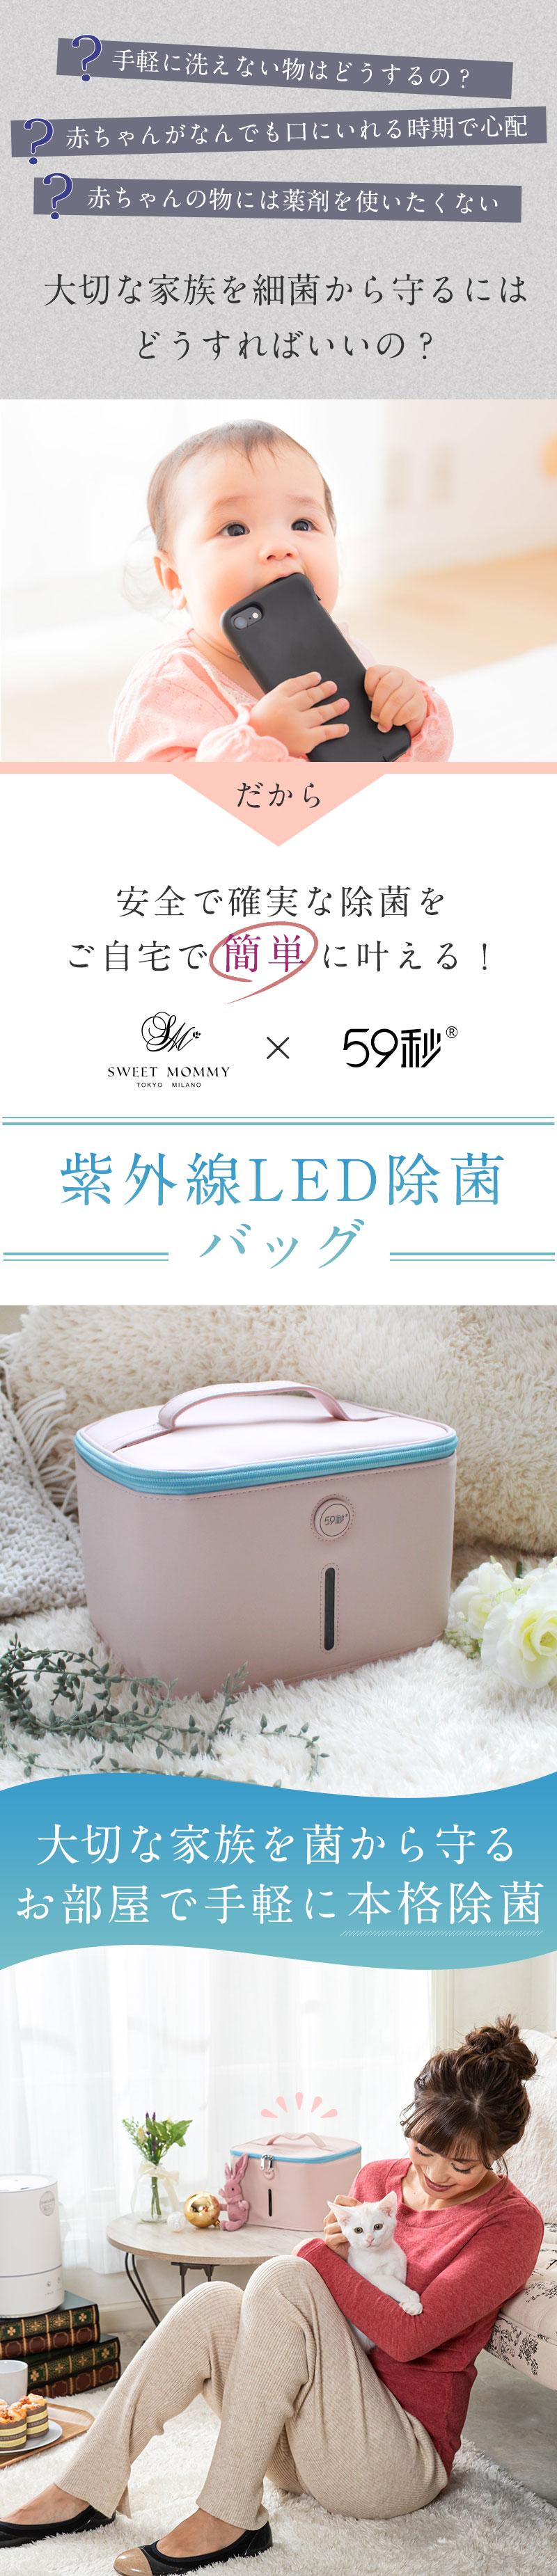 59秒 59Sコラボ 紫外線LED除菌ボックス